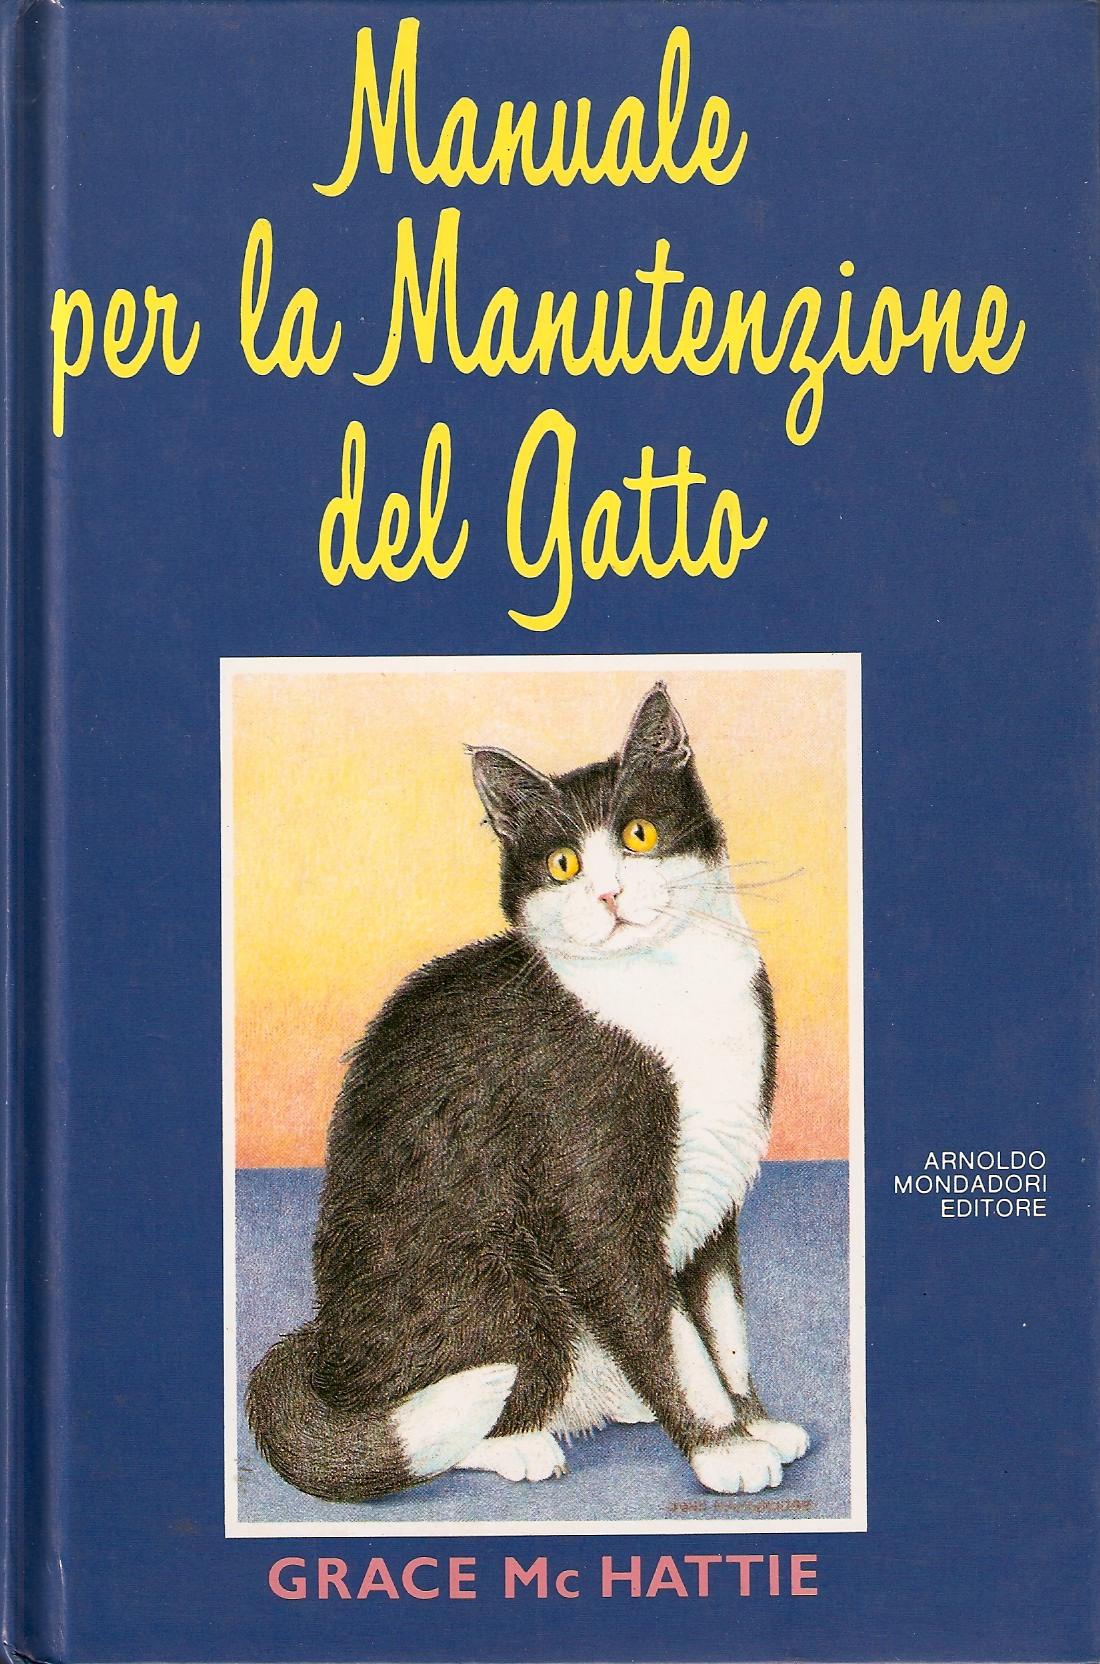 Manuale manutenzione del gatto